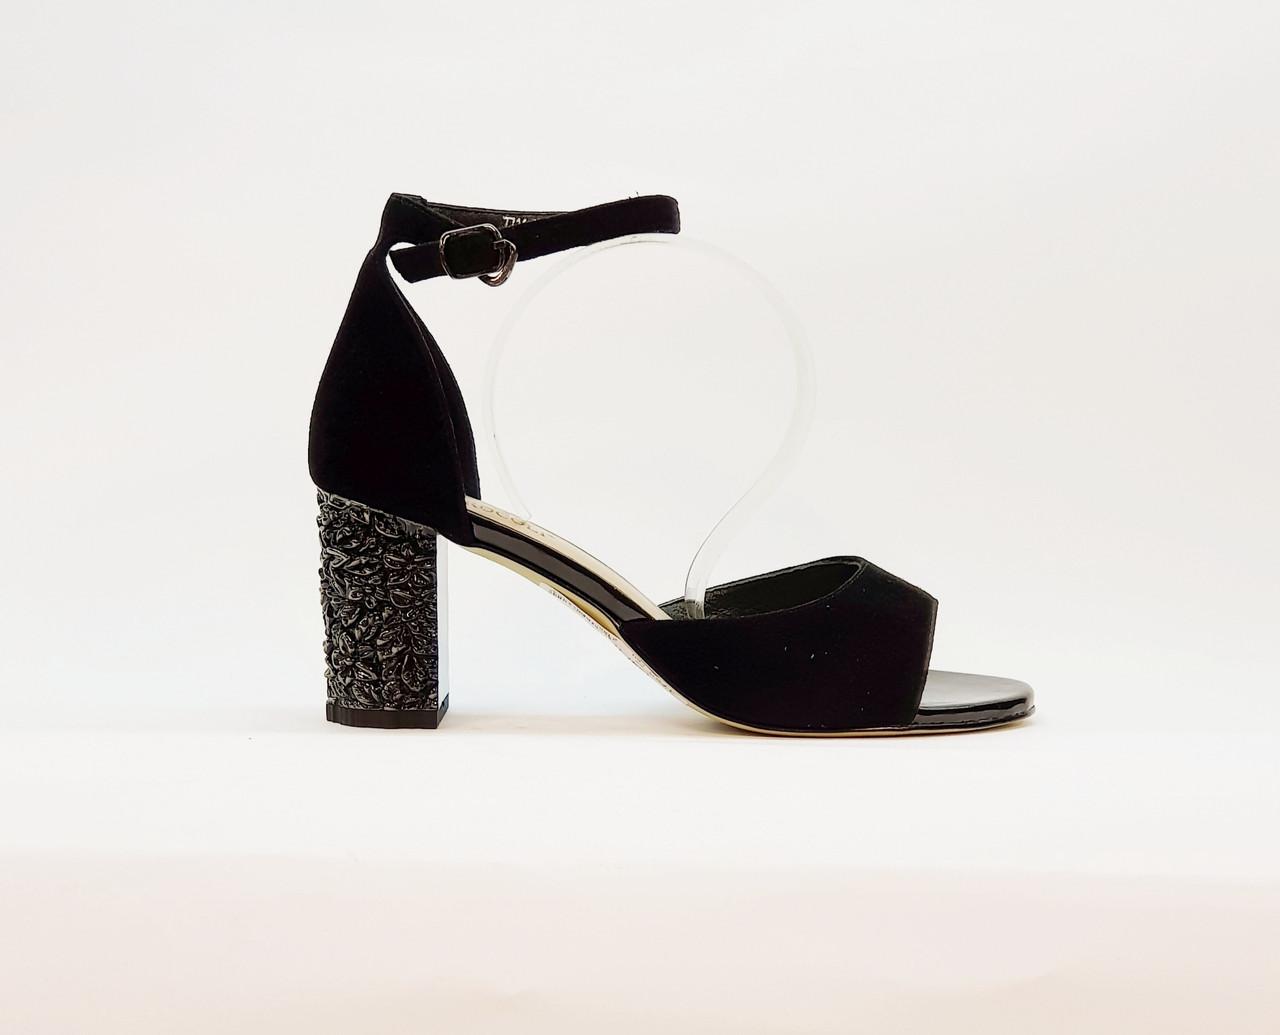 Босоножки женские натуральная замша на высоком каблуке столбик черные закрытая пятка 38